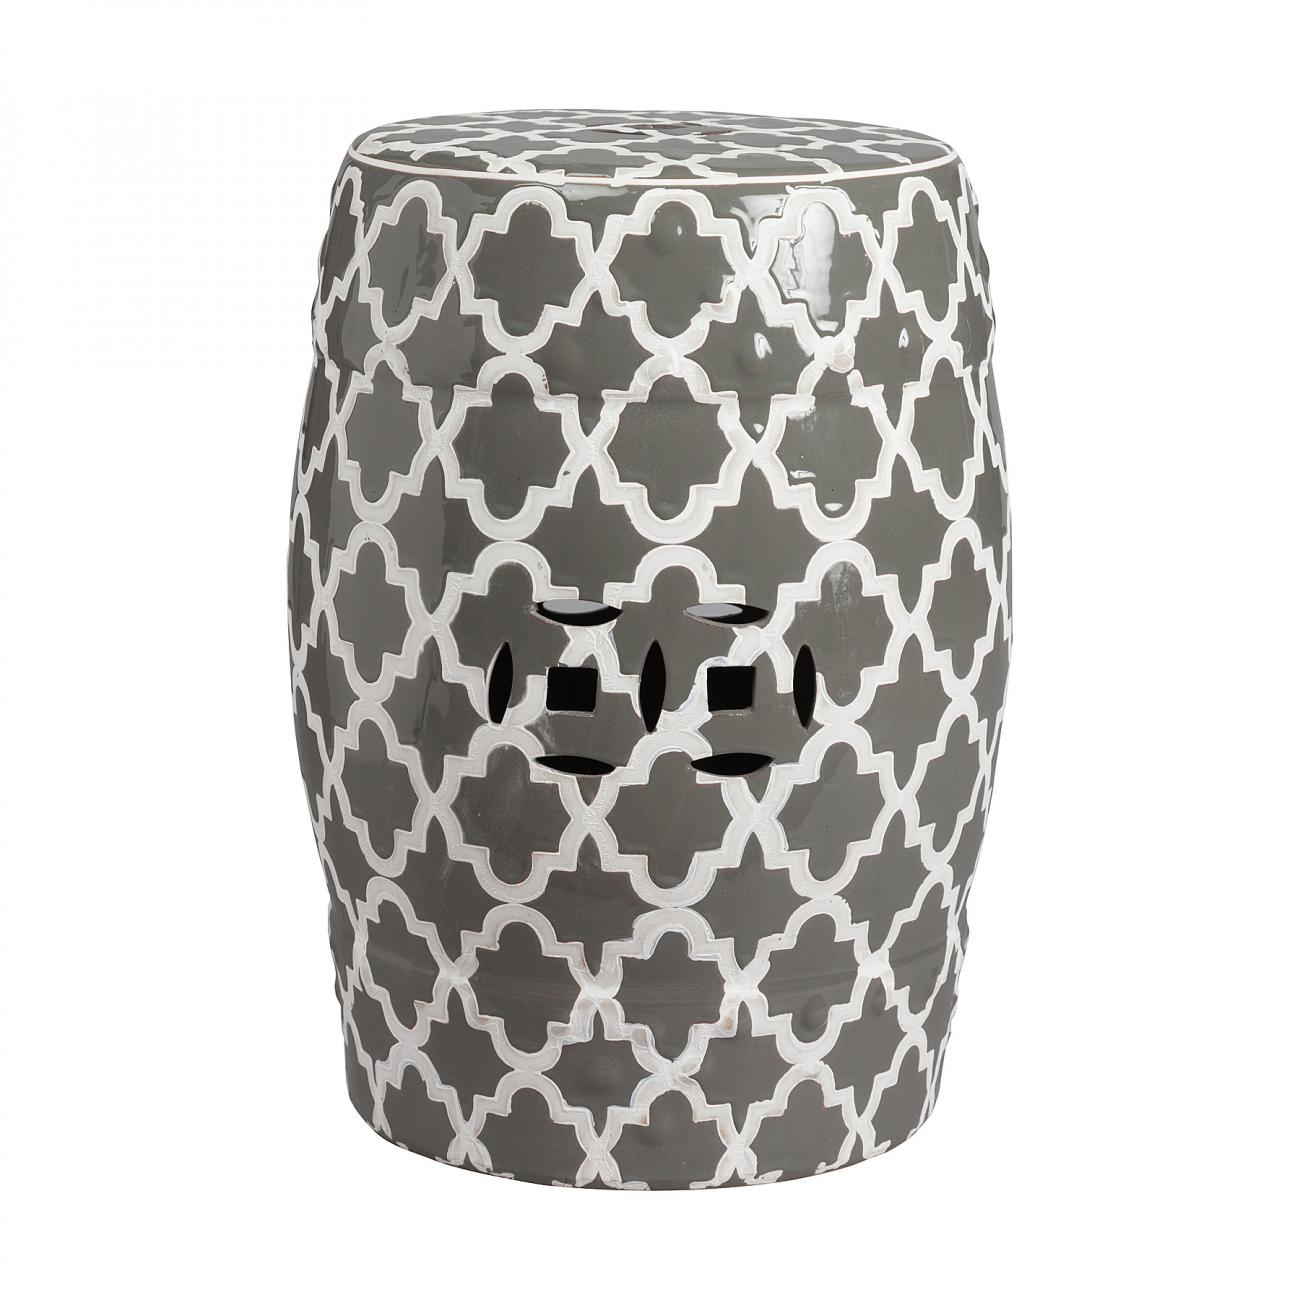 Купить Керамический столик-табурет Istanbul Stool Серый в интернет магазине дизайнерской мебели и аксессуаров для дома и дачи